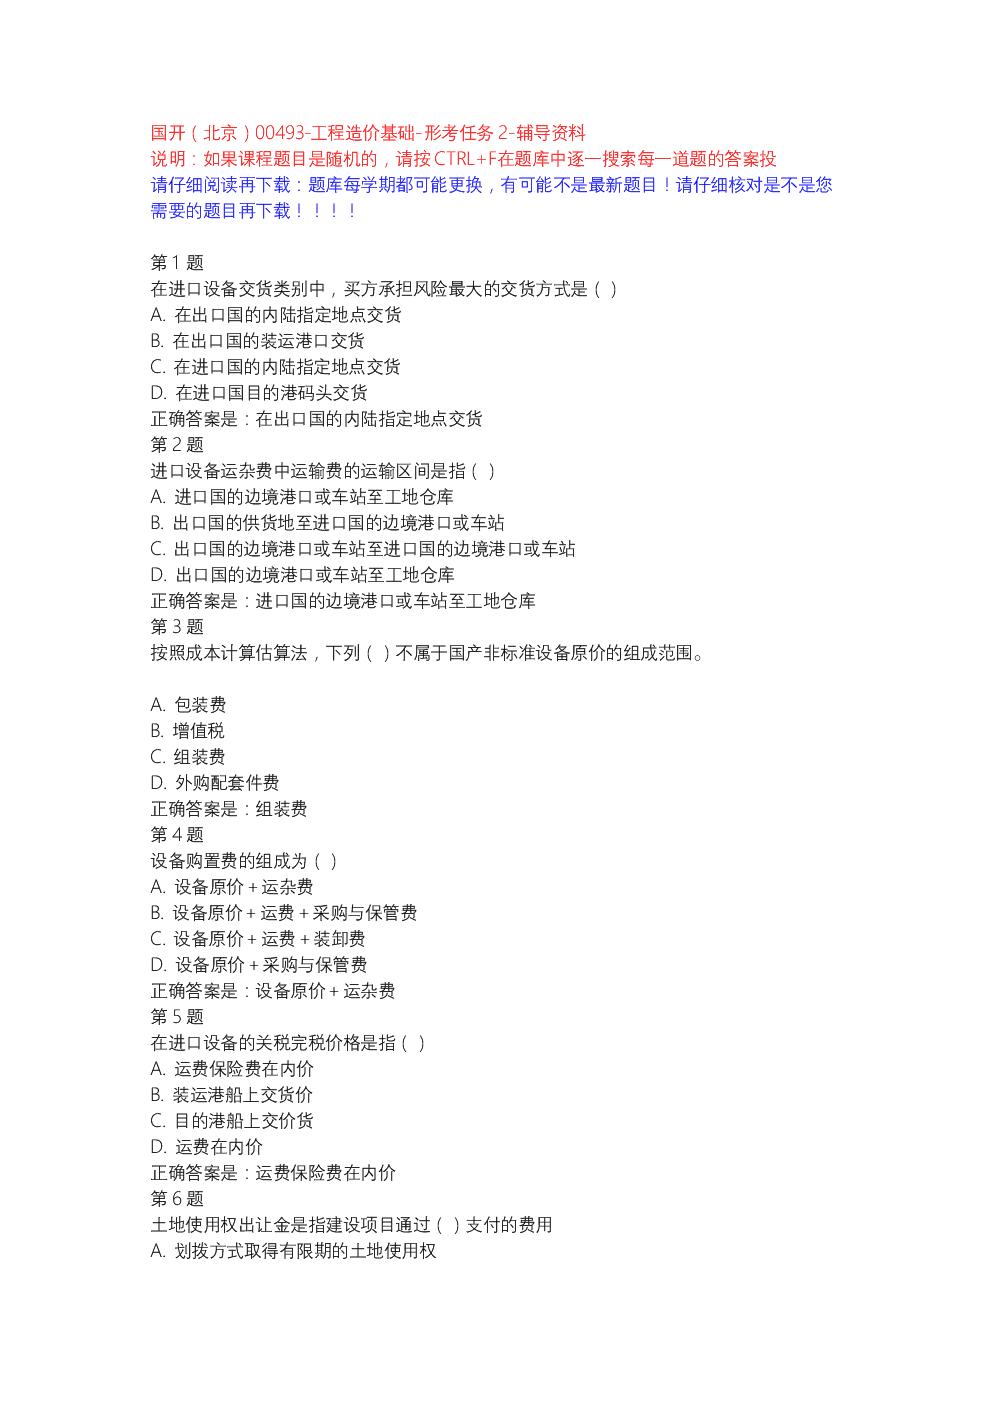 国开(北京)00493-工程造价基础-形考任务2-辅导资料.docx